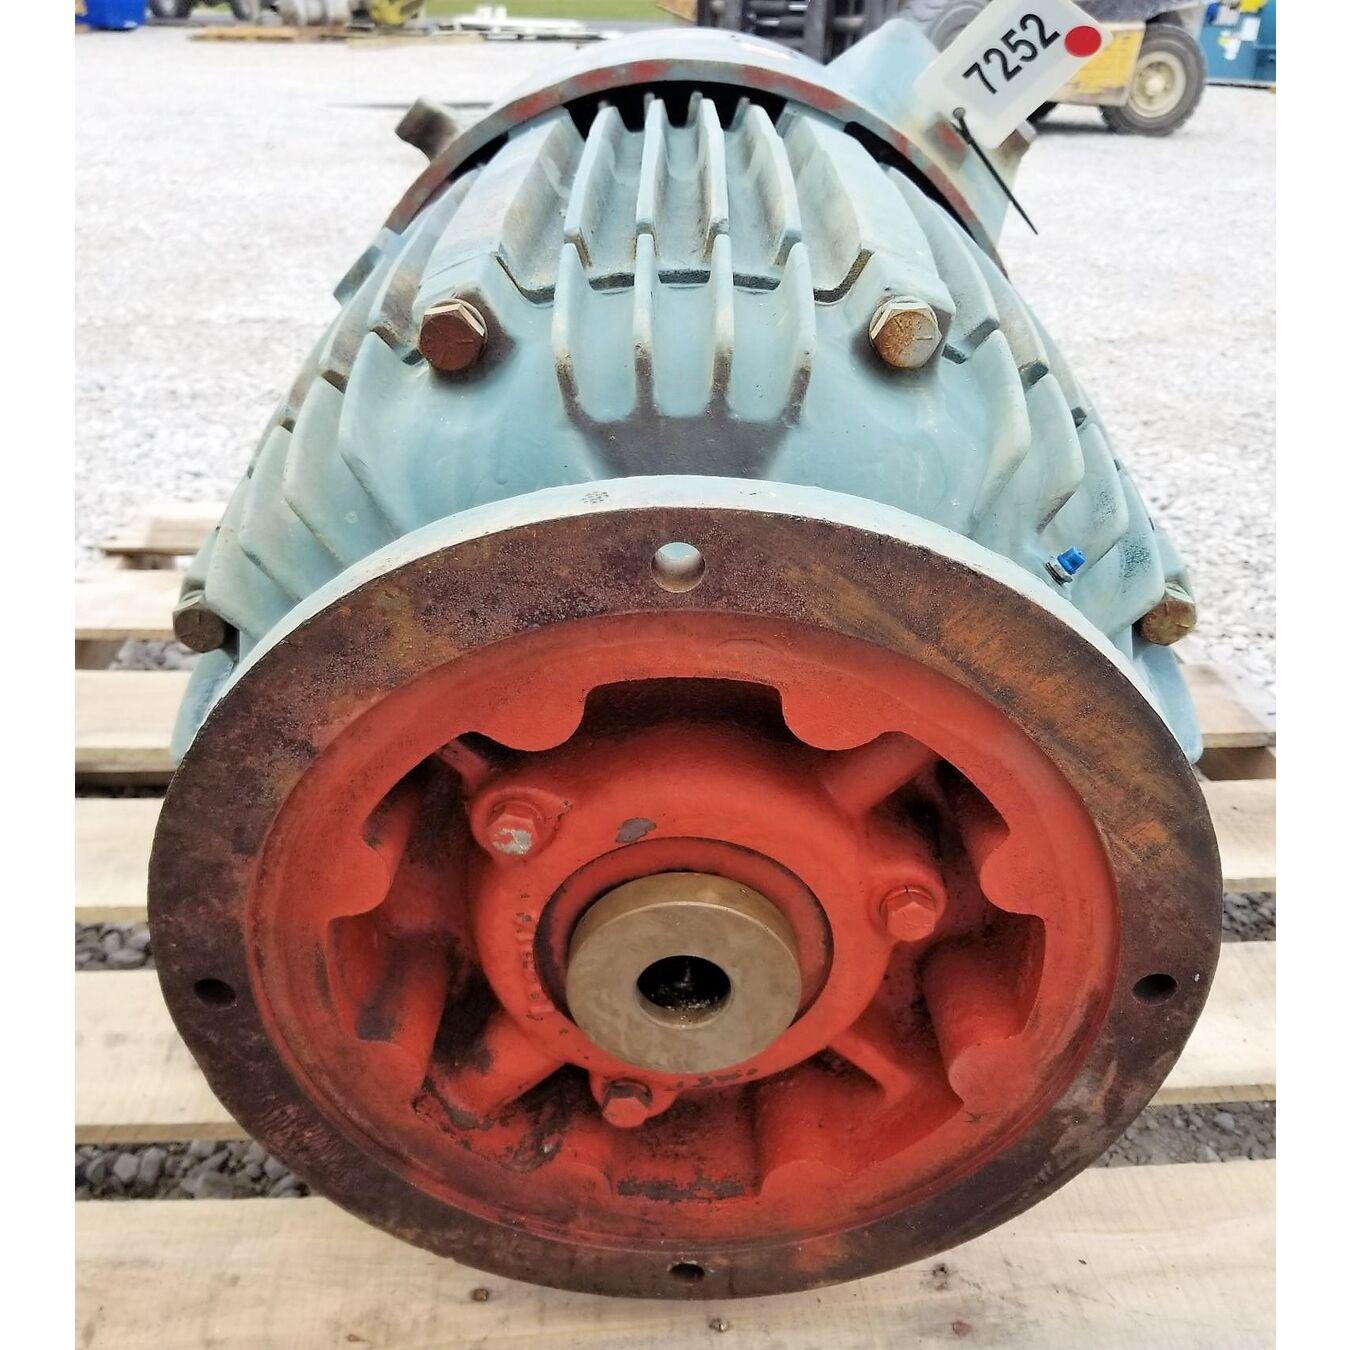 Us electrical motors 100 hp 460 v motor 405tp frame motors us electrical motors 100 hp 460 v motor 405tp frame publicscrutiny Images